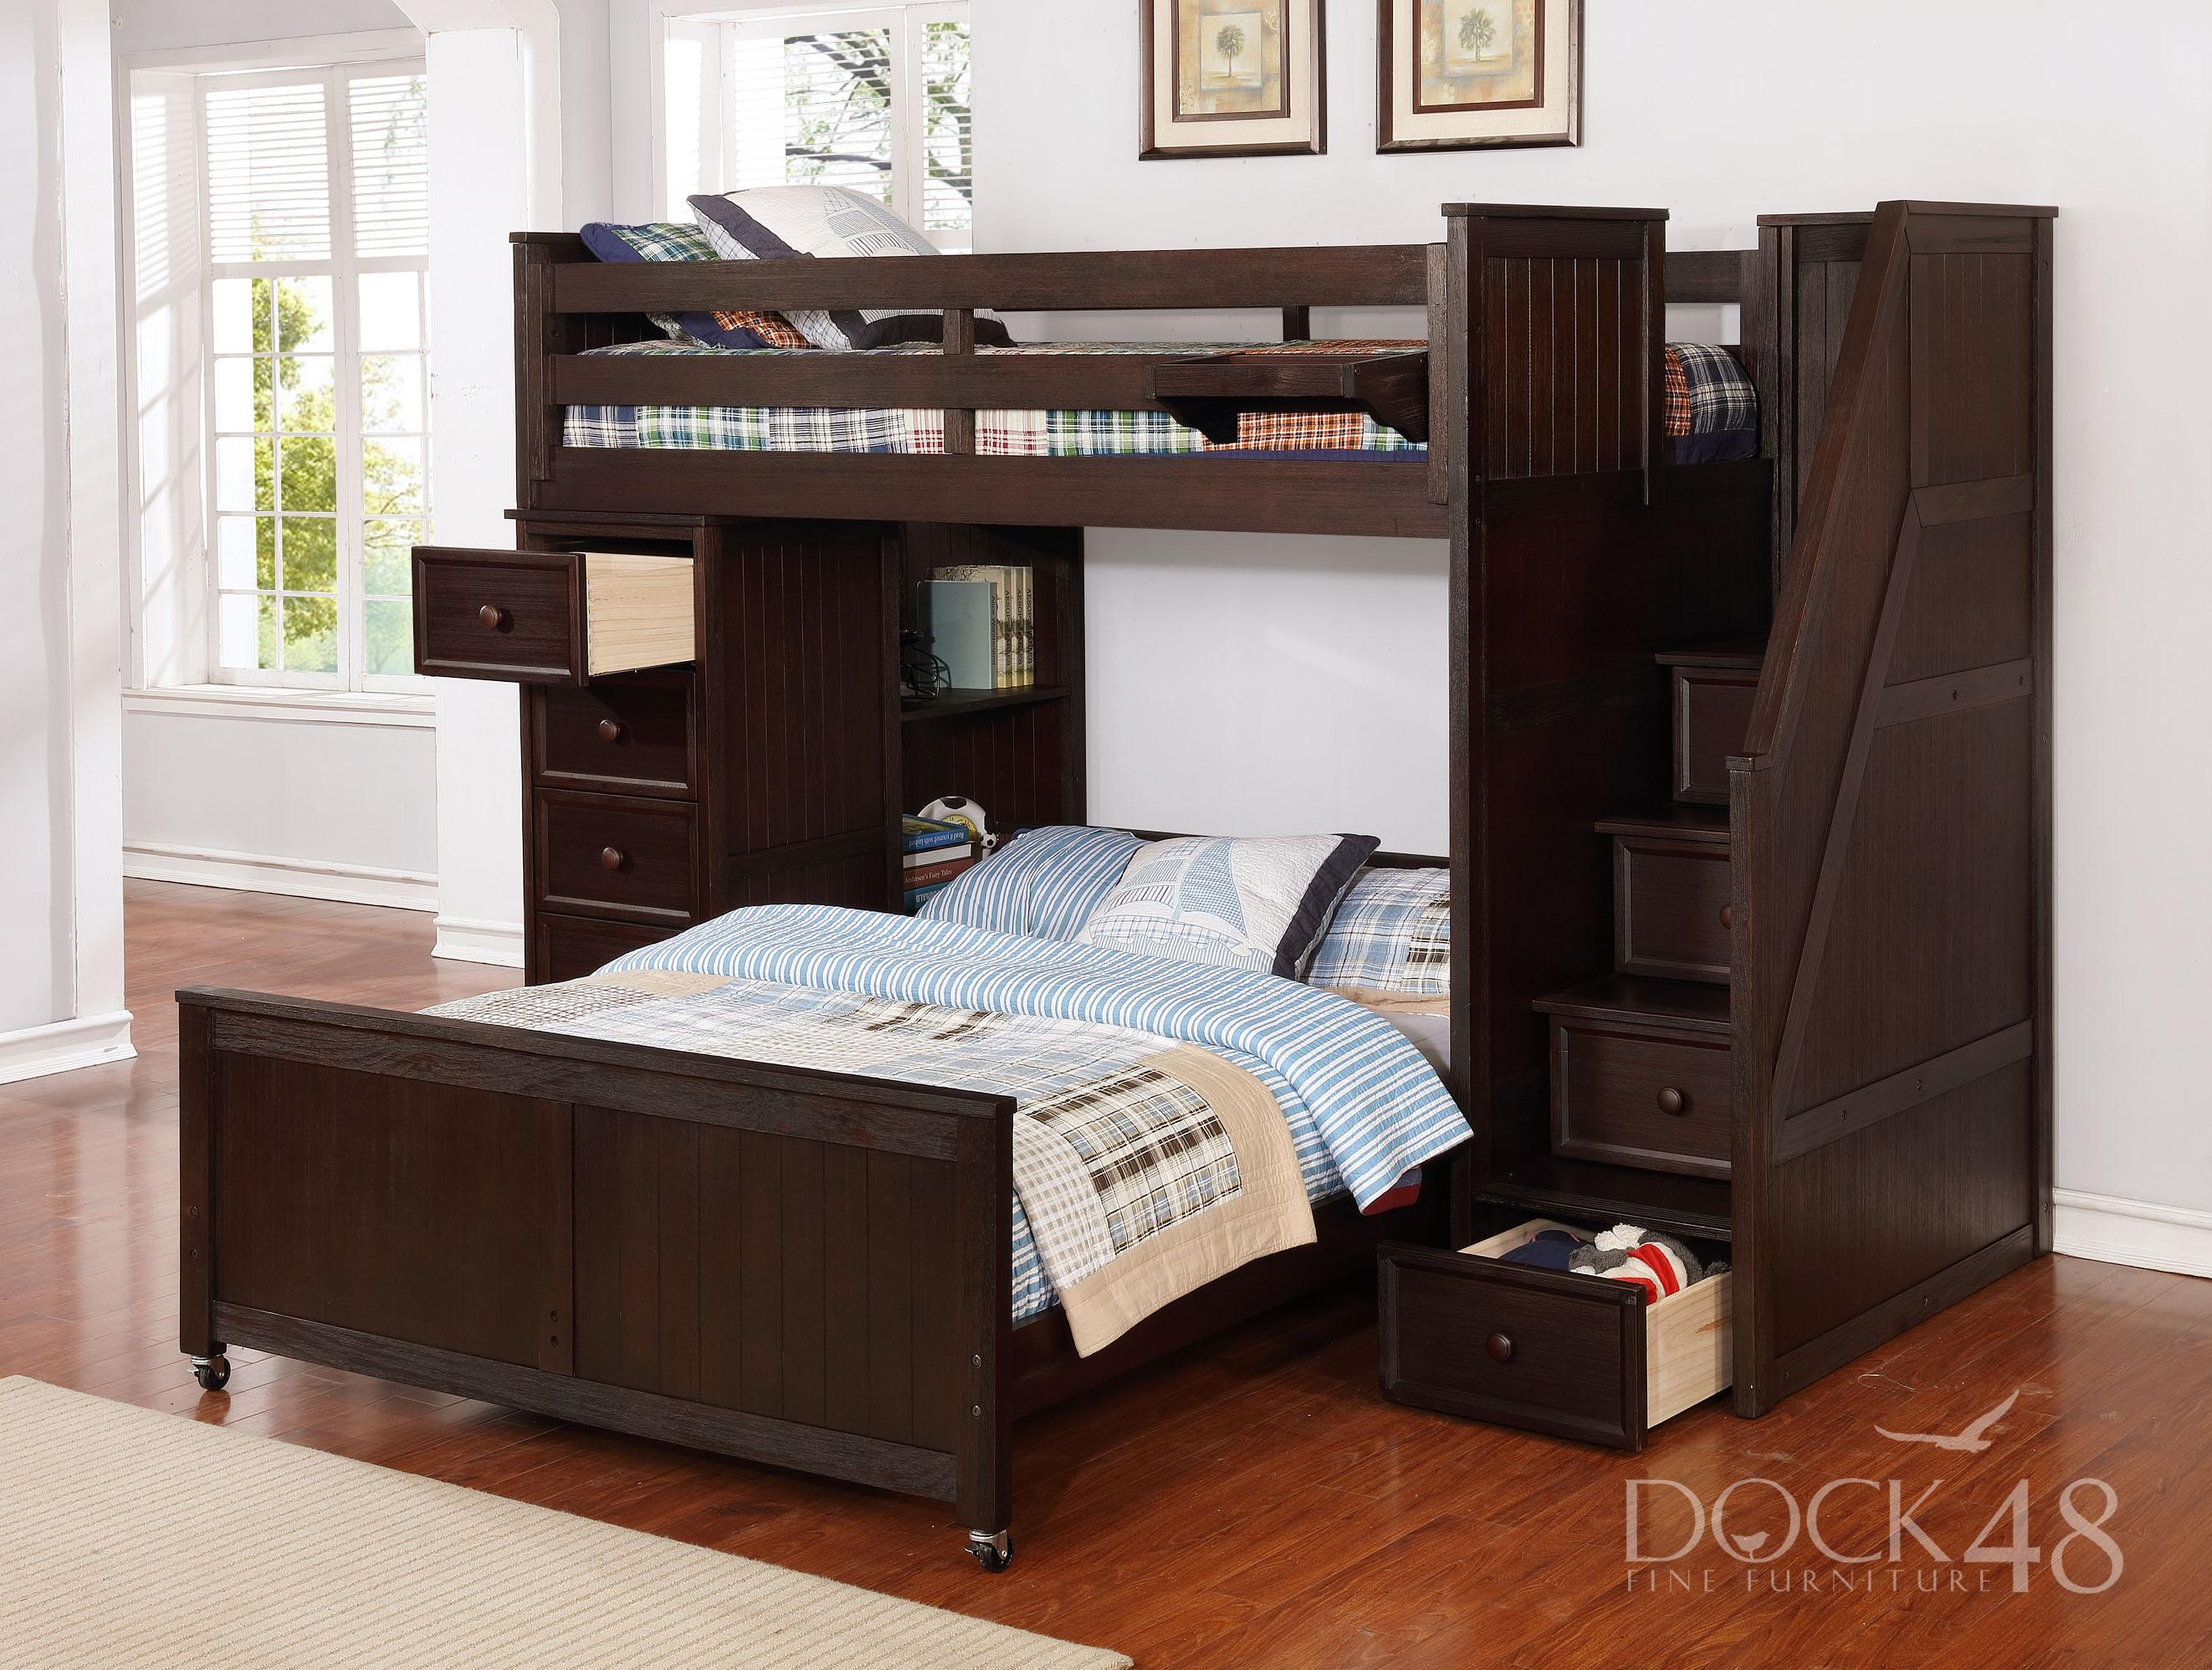 Rooms For Kids | www.suitedreamsforkids.com